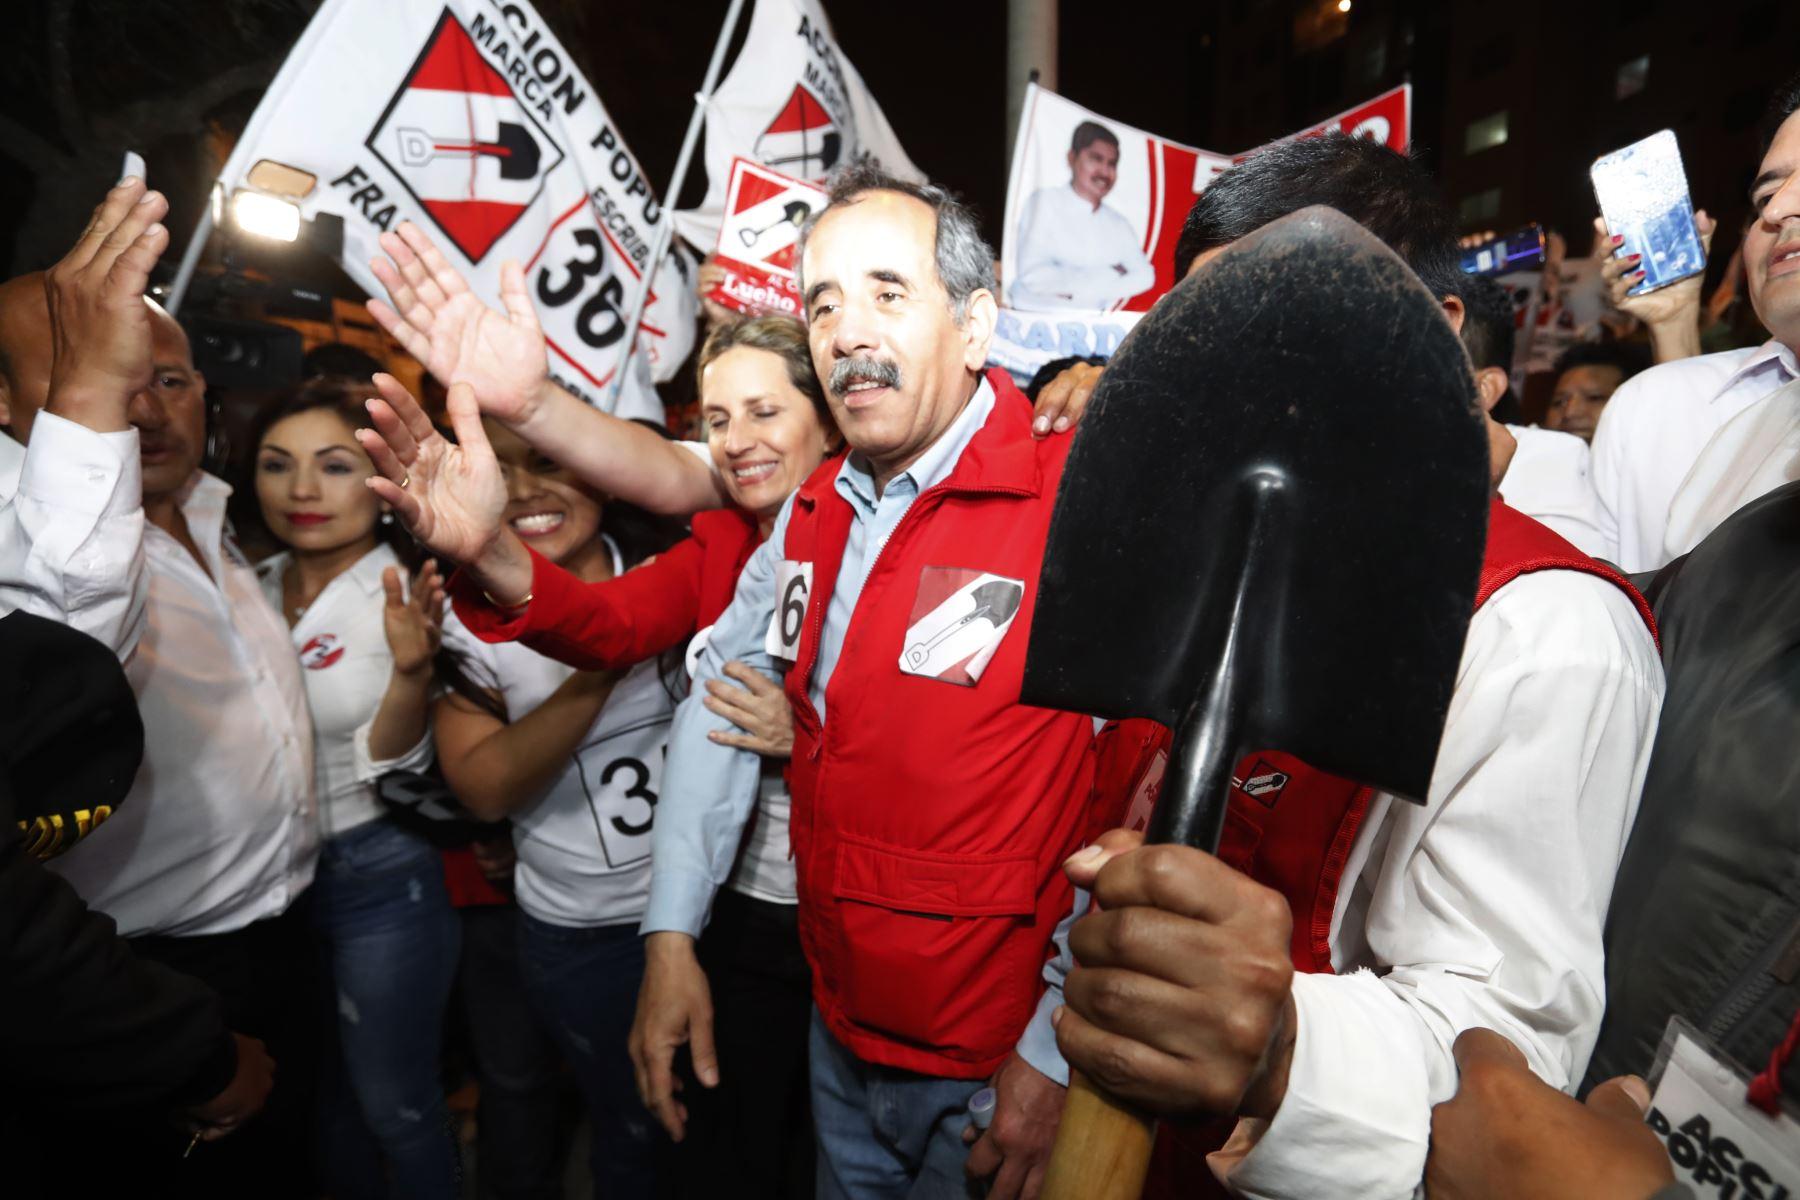 Partidarios de la agrupación política Acción Popular inscribieron la lista de candidatos al Congreso para las próximas elecciones de enero del 2020 .  Foto: ANDINA/Renato Pajuelo